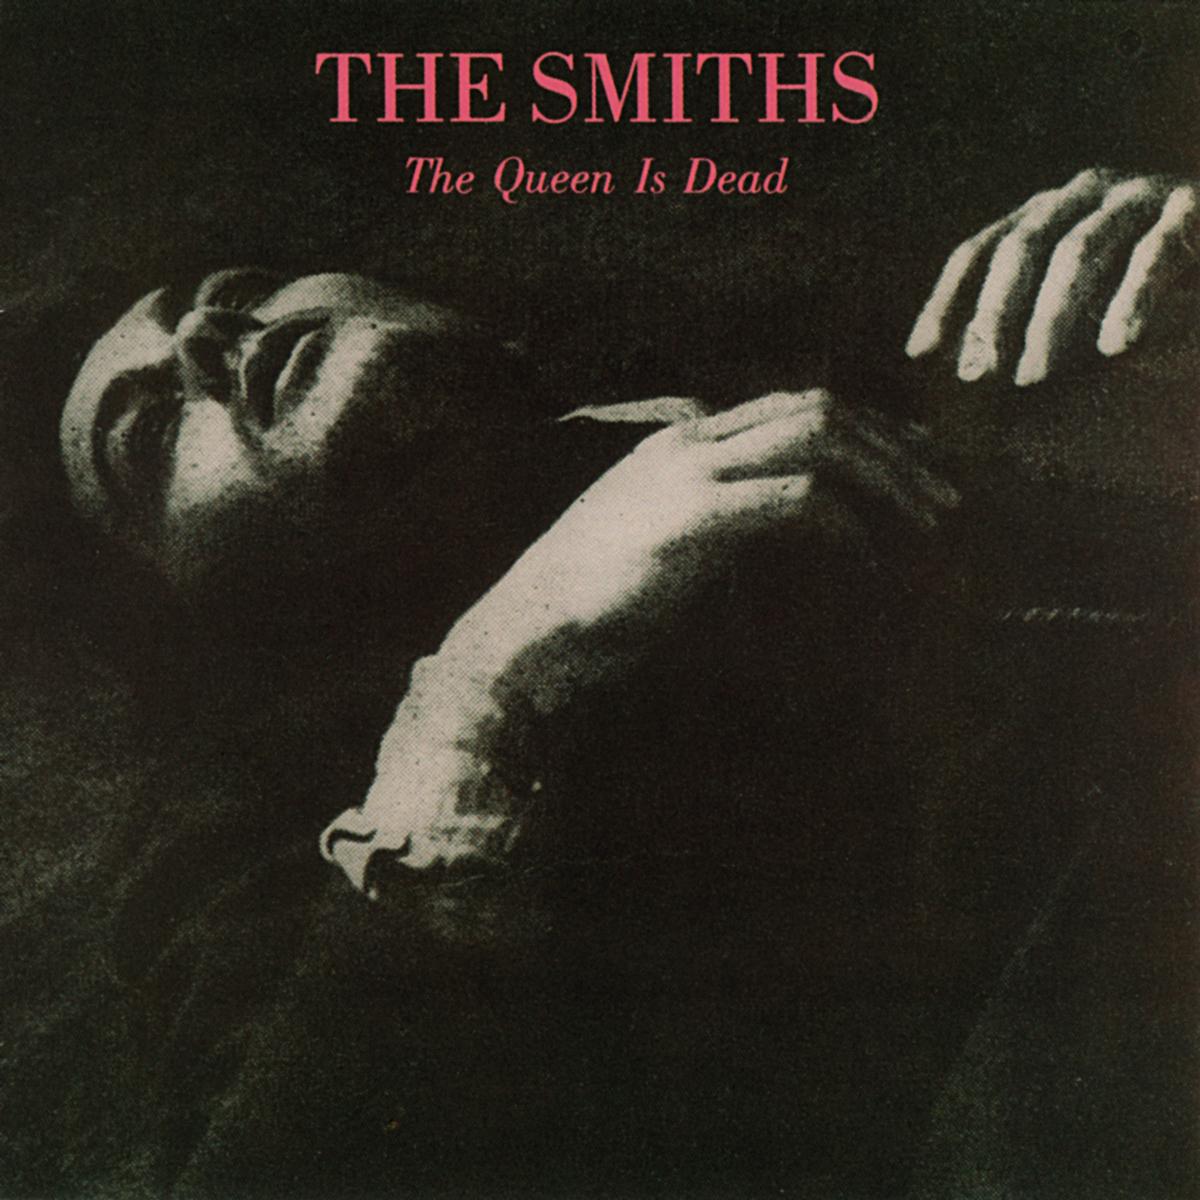 The Queen is Dead, disco de The Smiths.